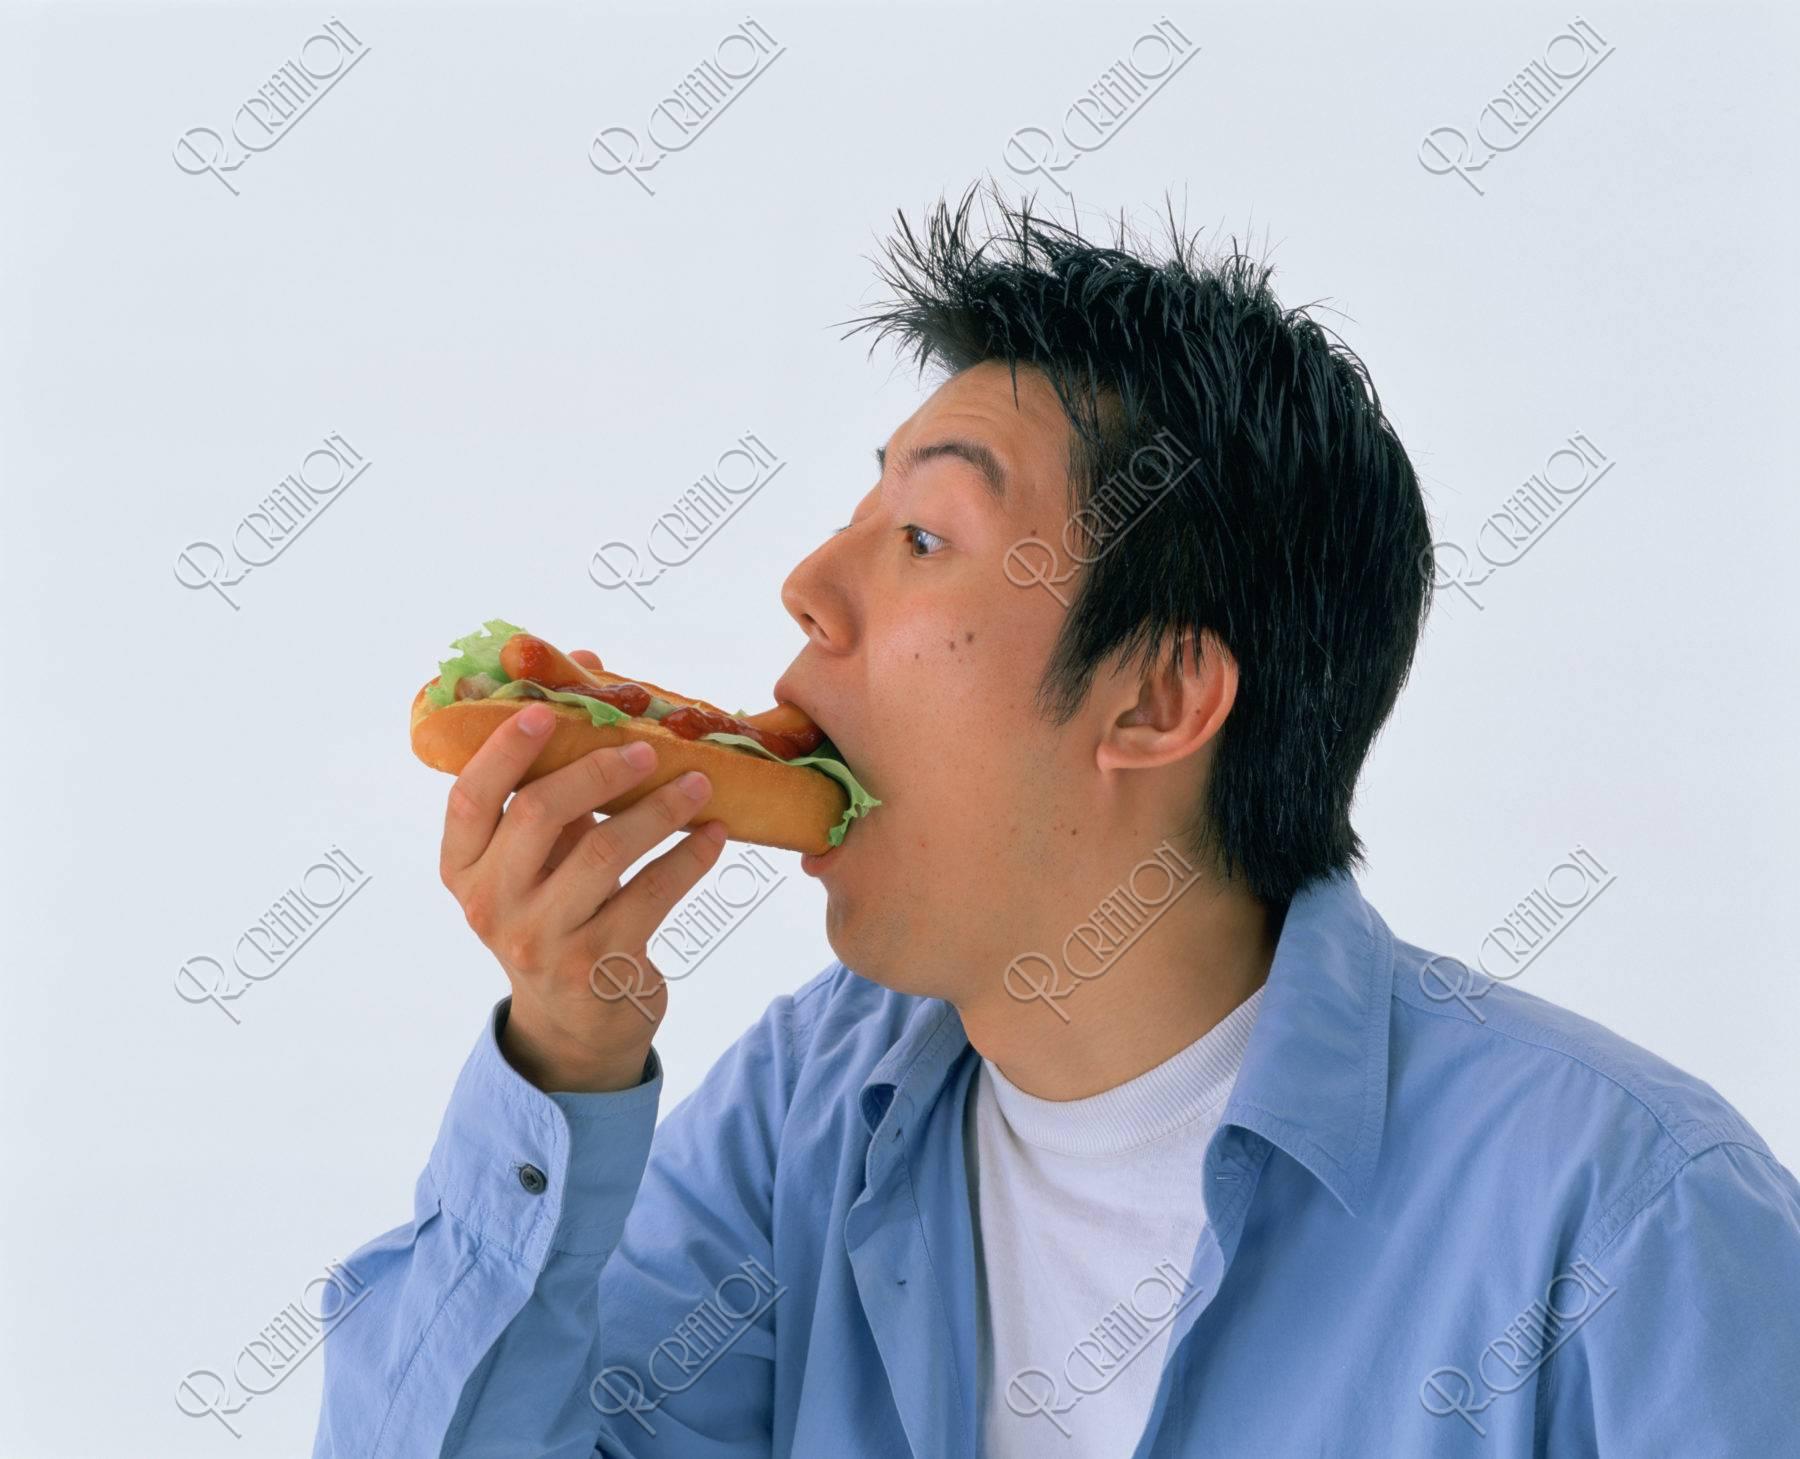 ホットドッグを食べる若者